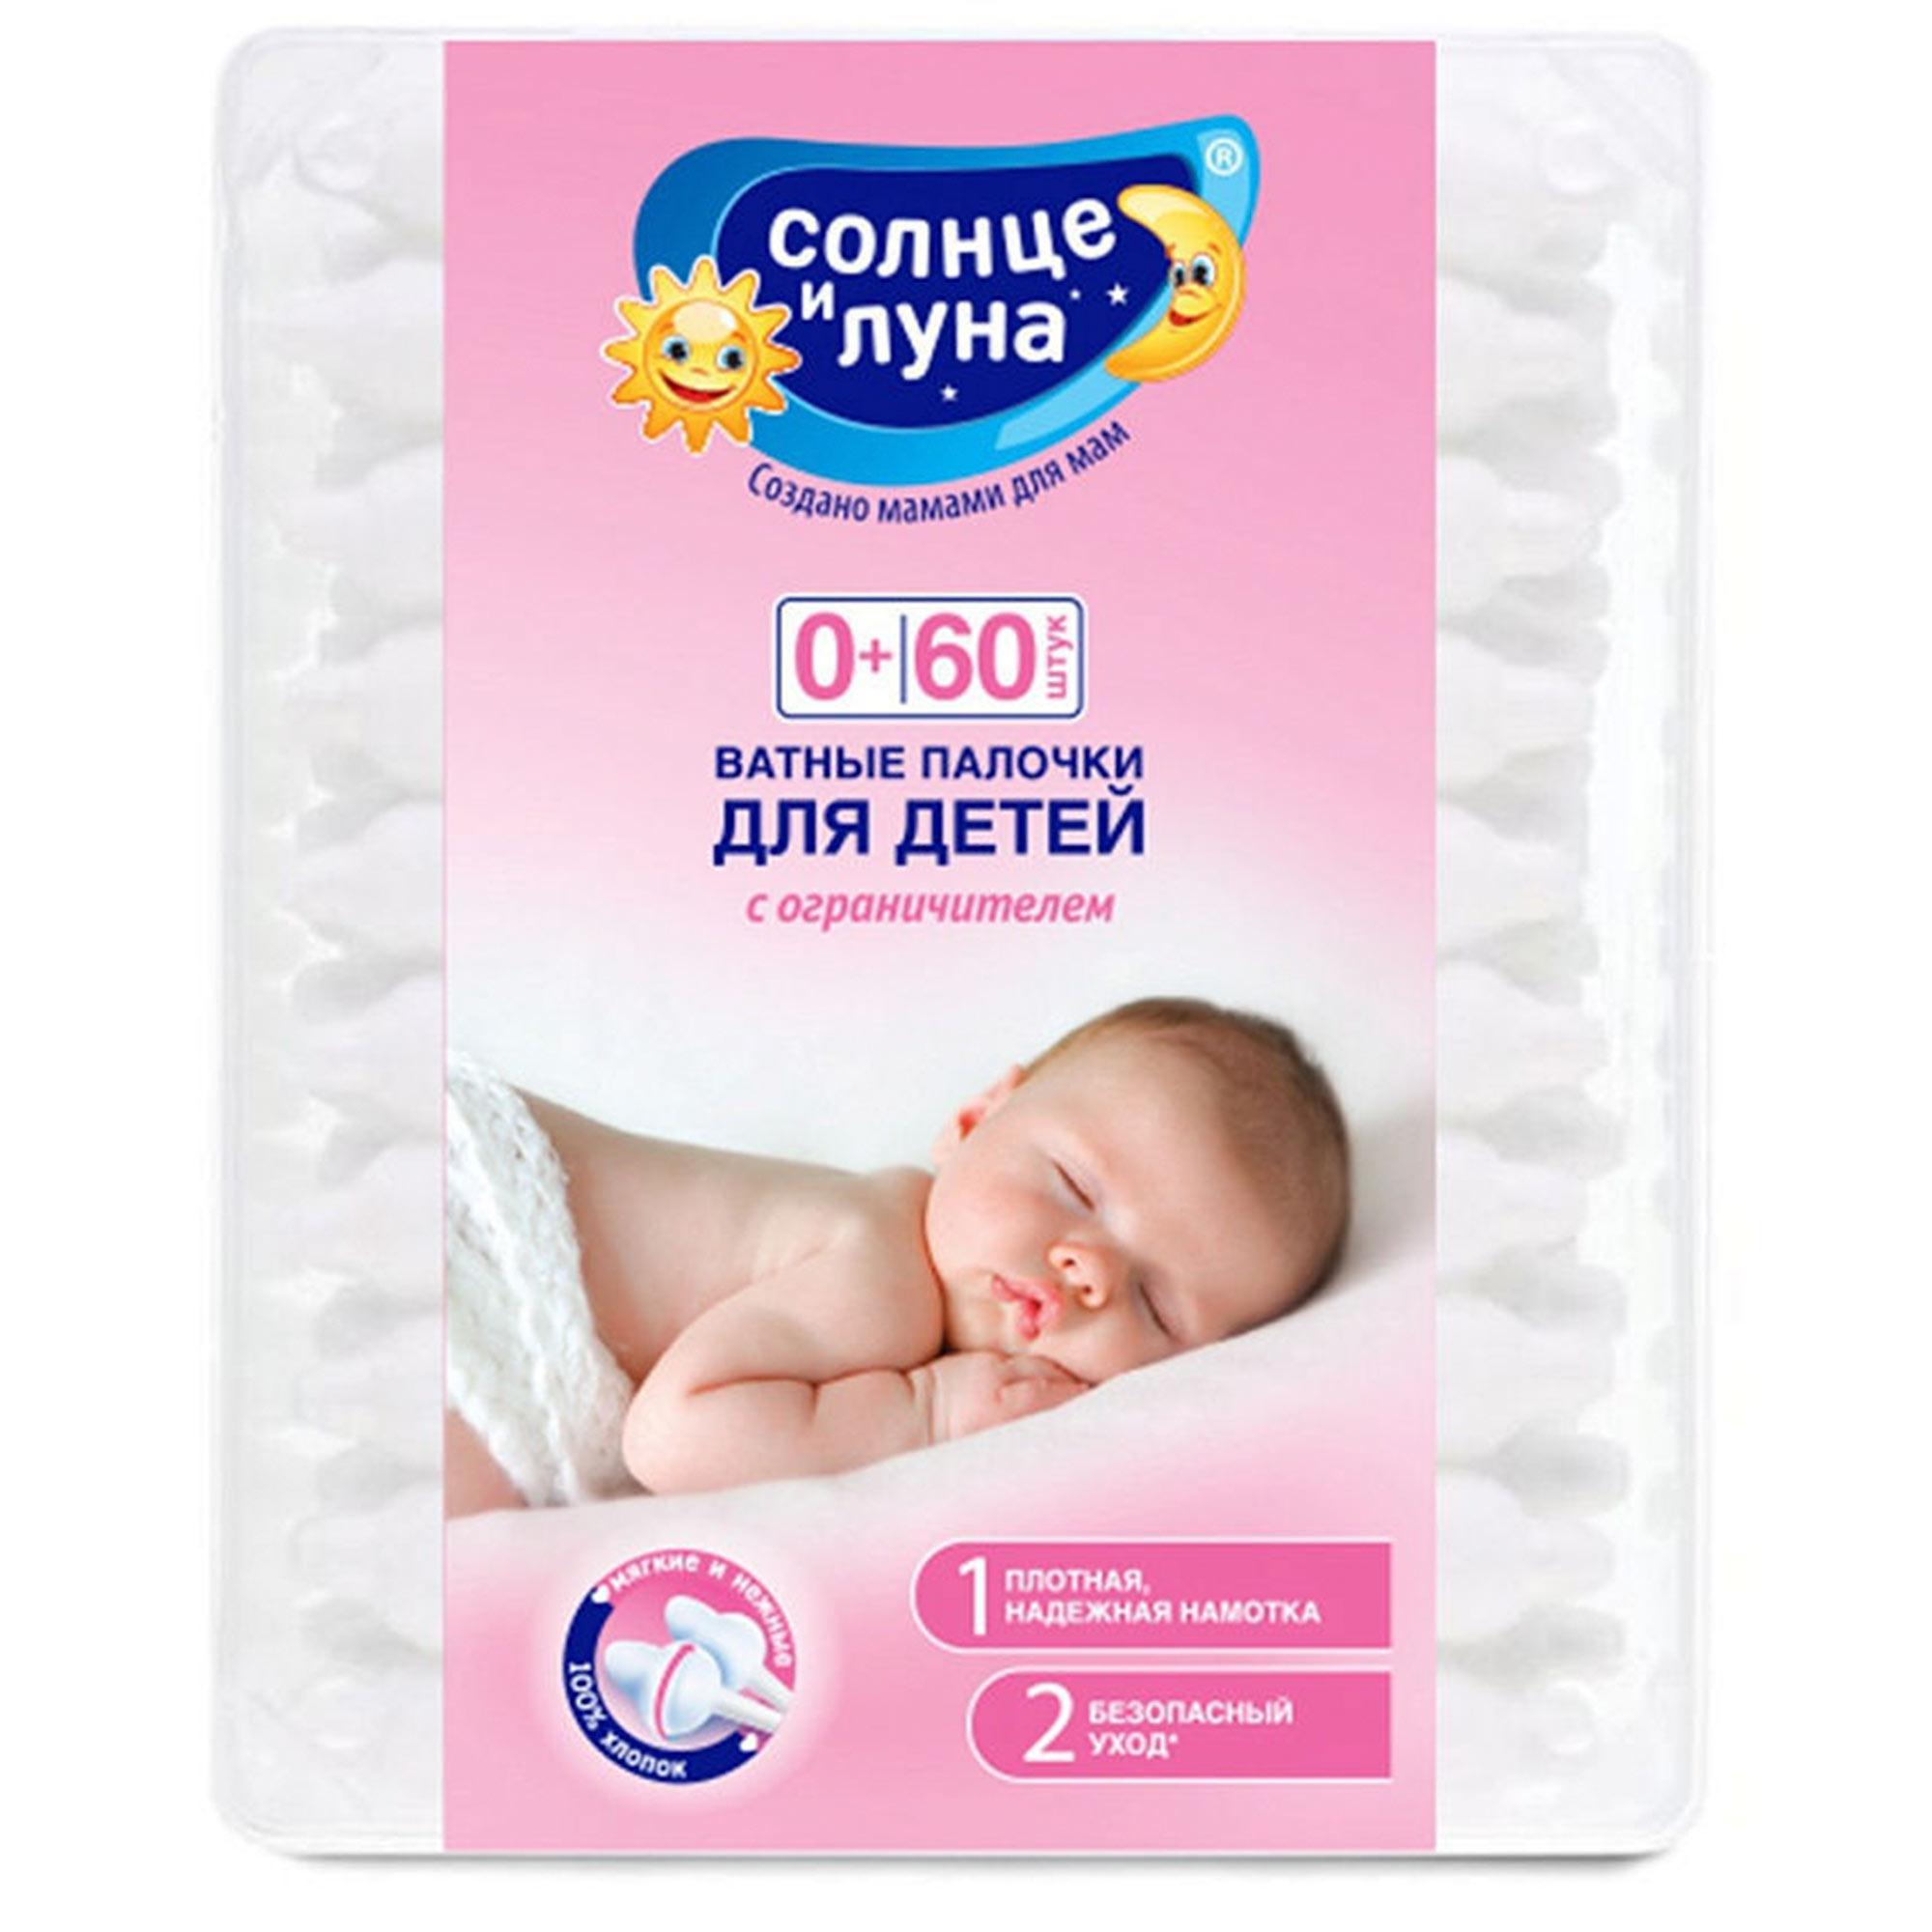 ватные палочки солнце и луна neo baby для детей с ограничителем 60 шт Ватные палочки для новорожденных Солнце и луна с ограничителем 60 шт